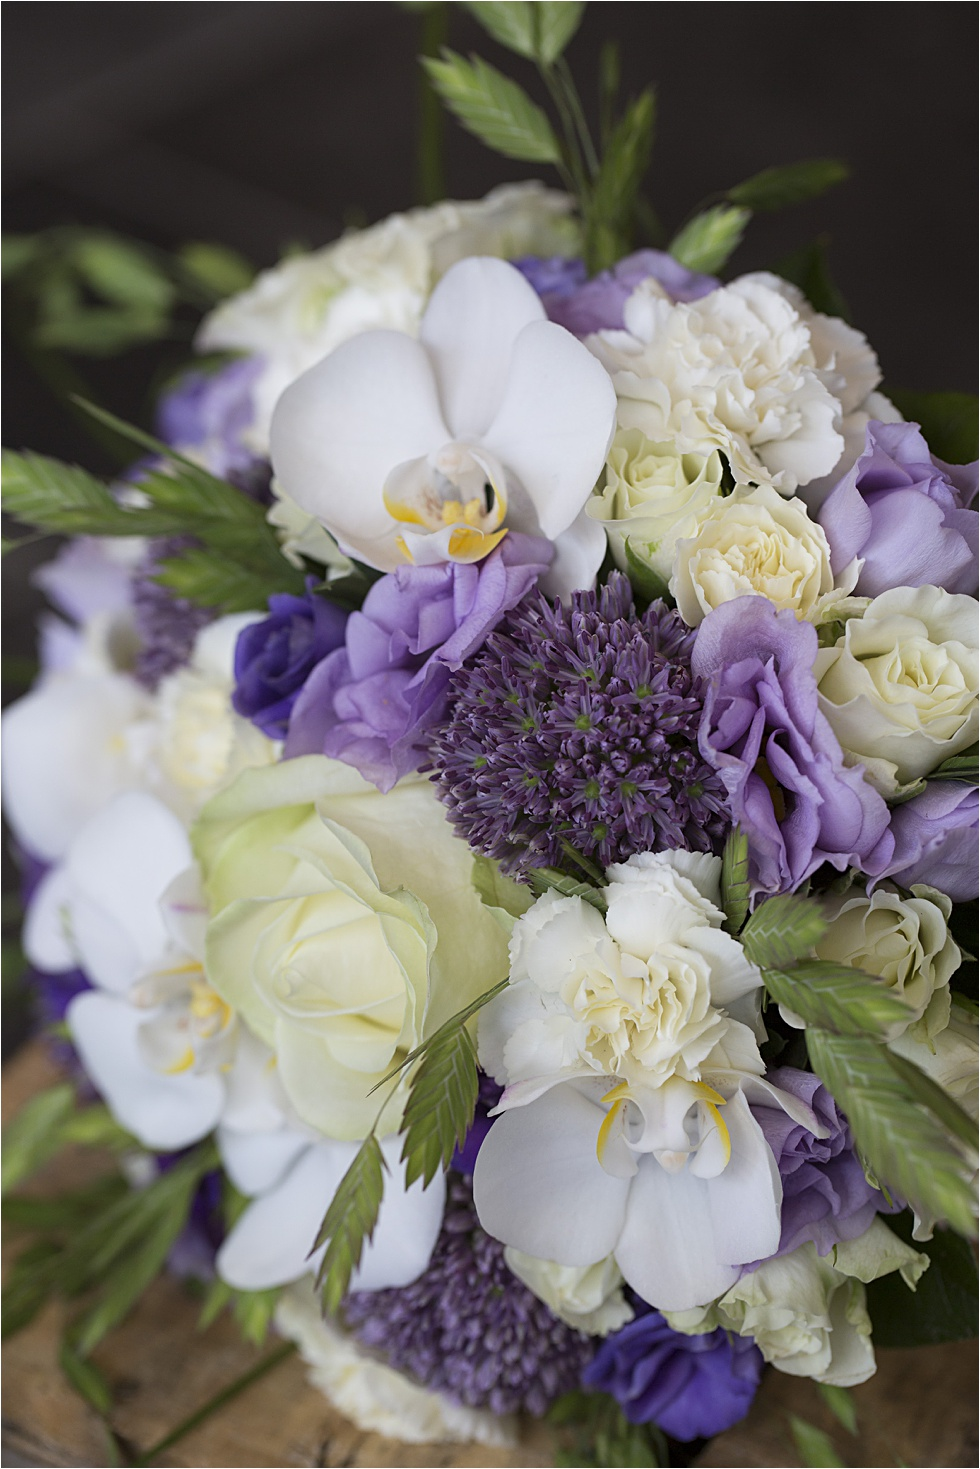 brudebuket interflora leverandør vejle fotograf Tine hvolby63